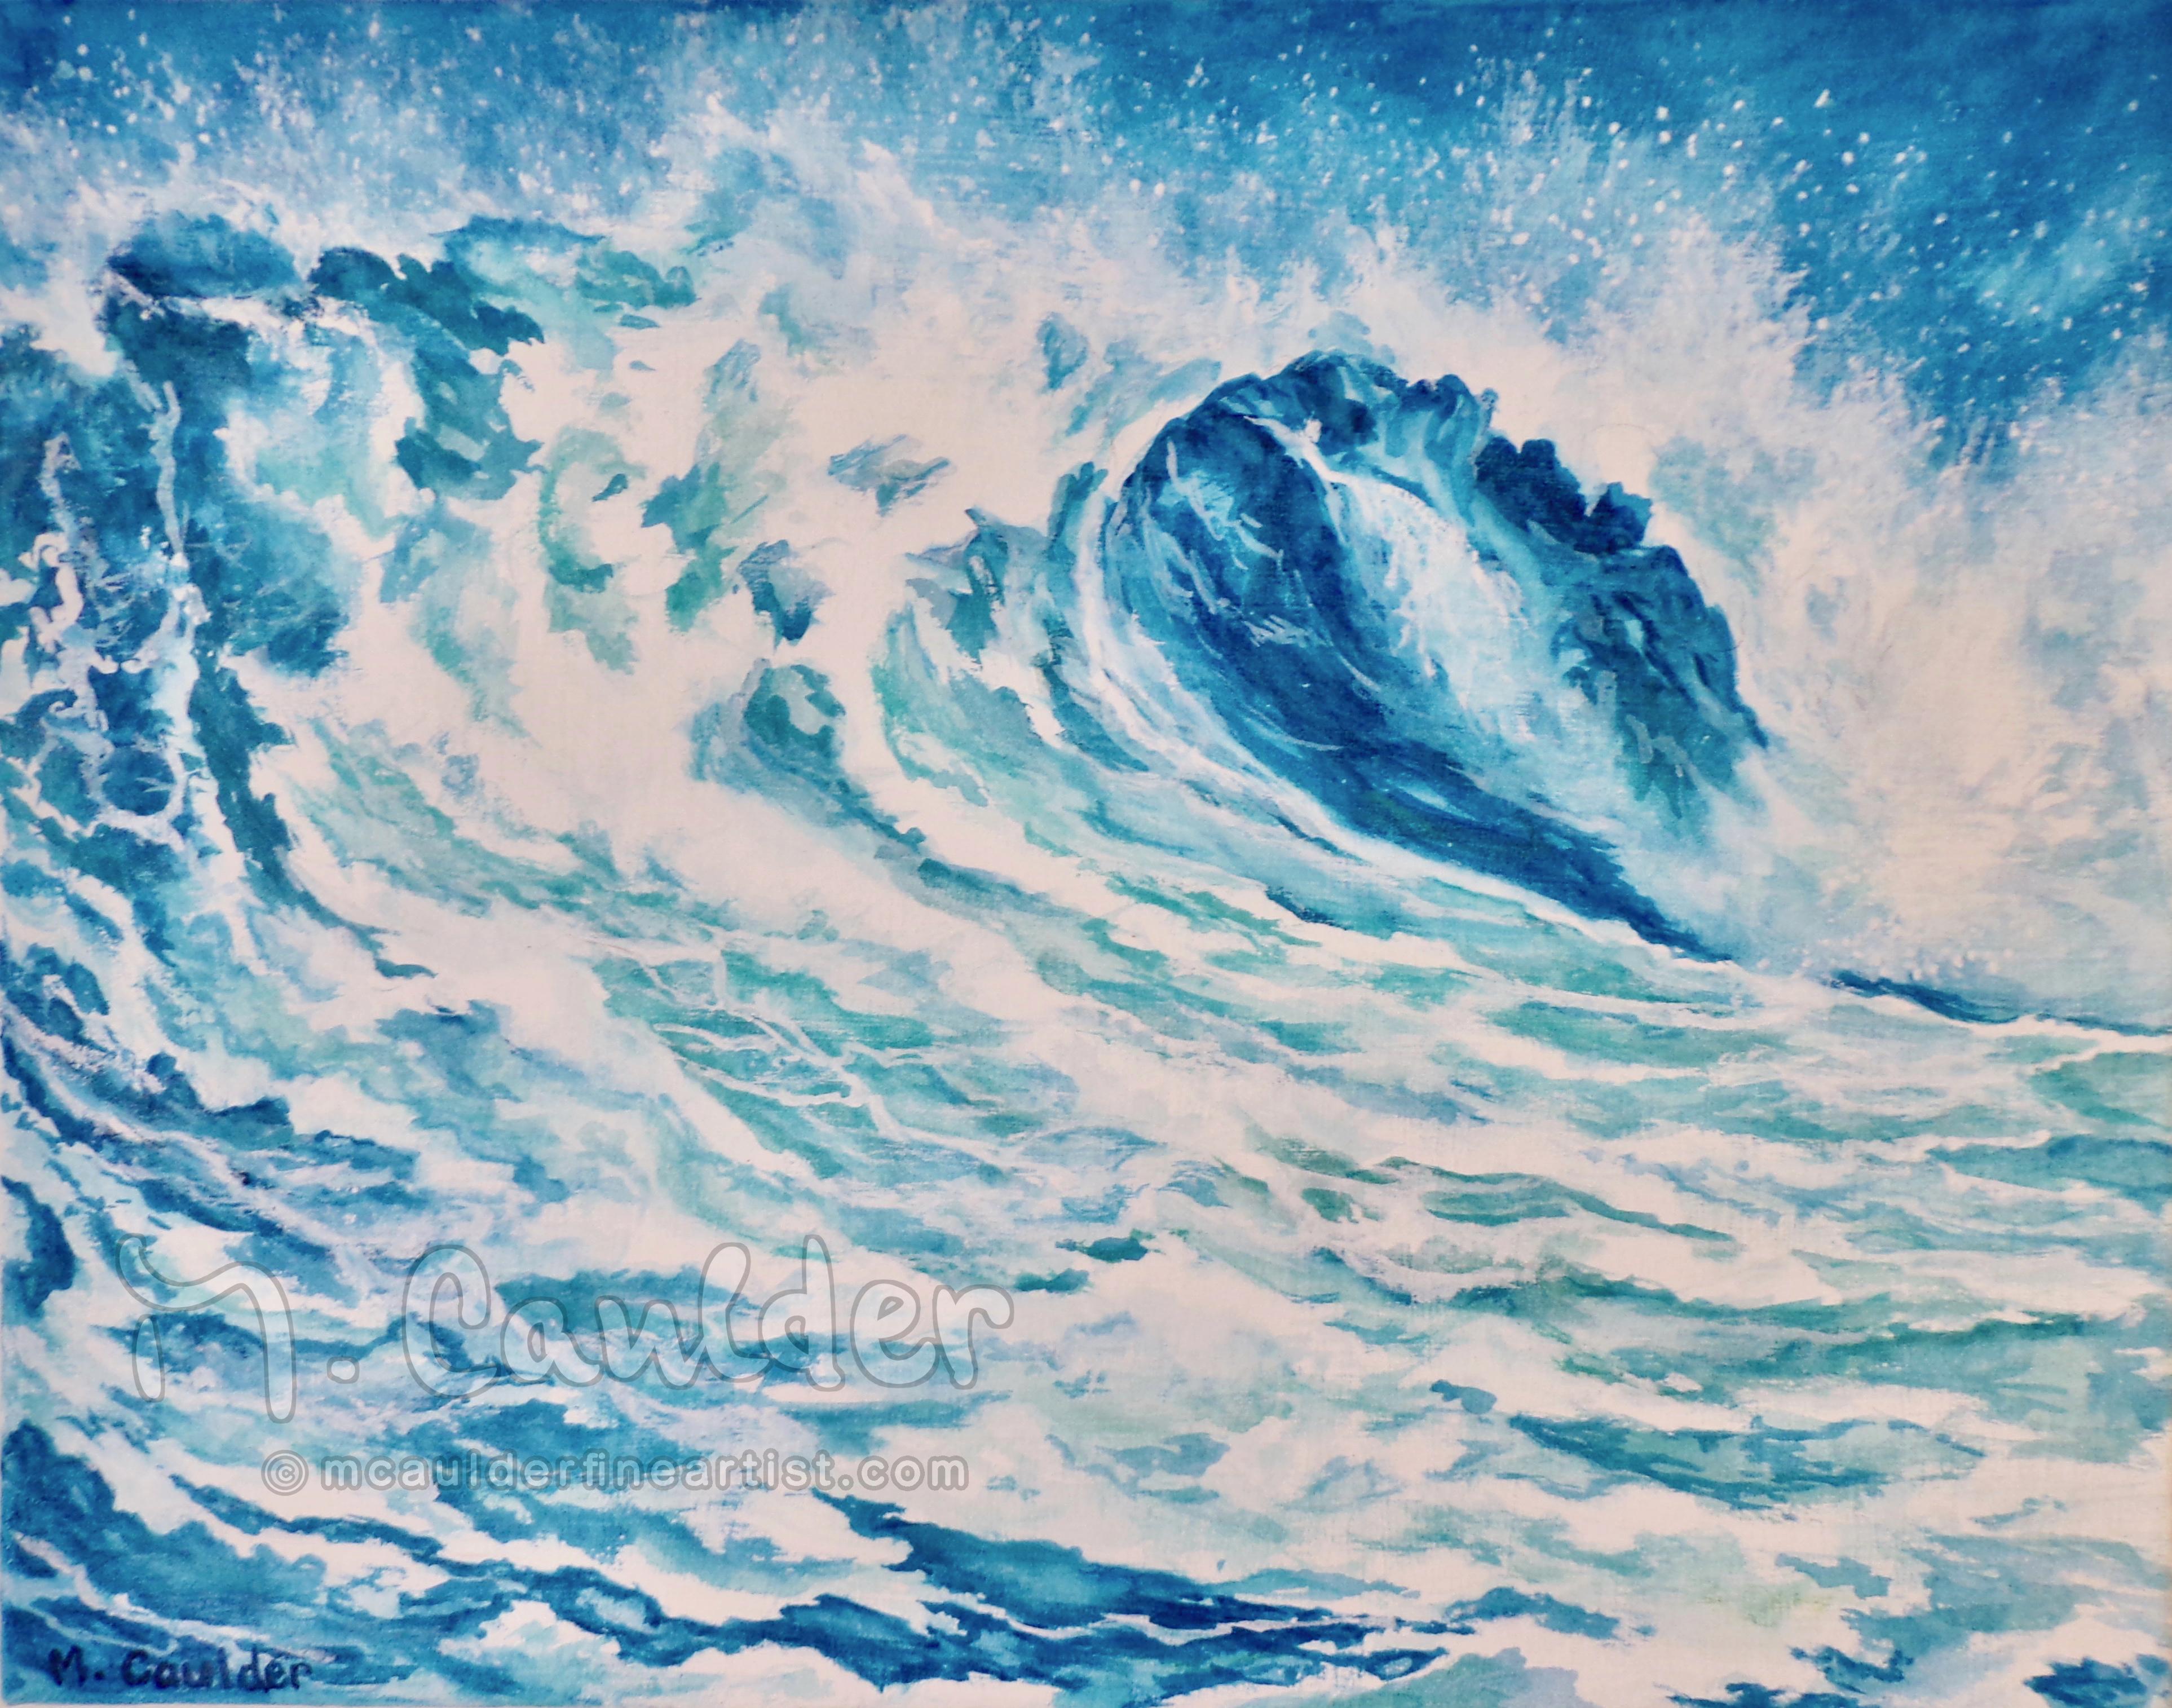 Blue Ocean Wave Painting